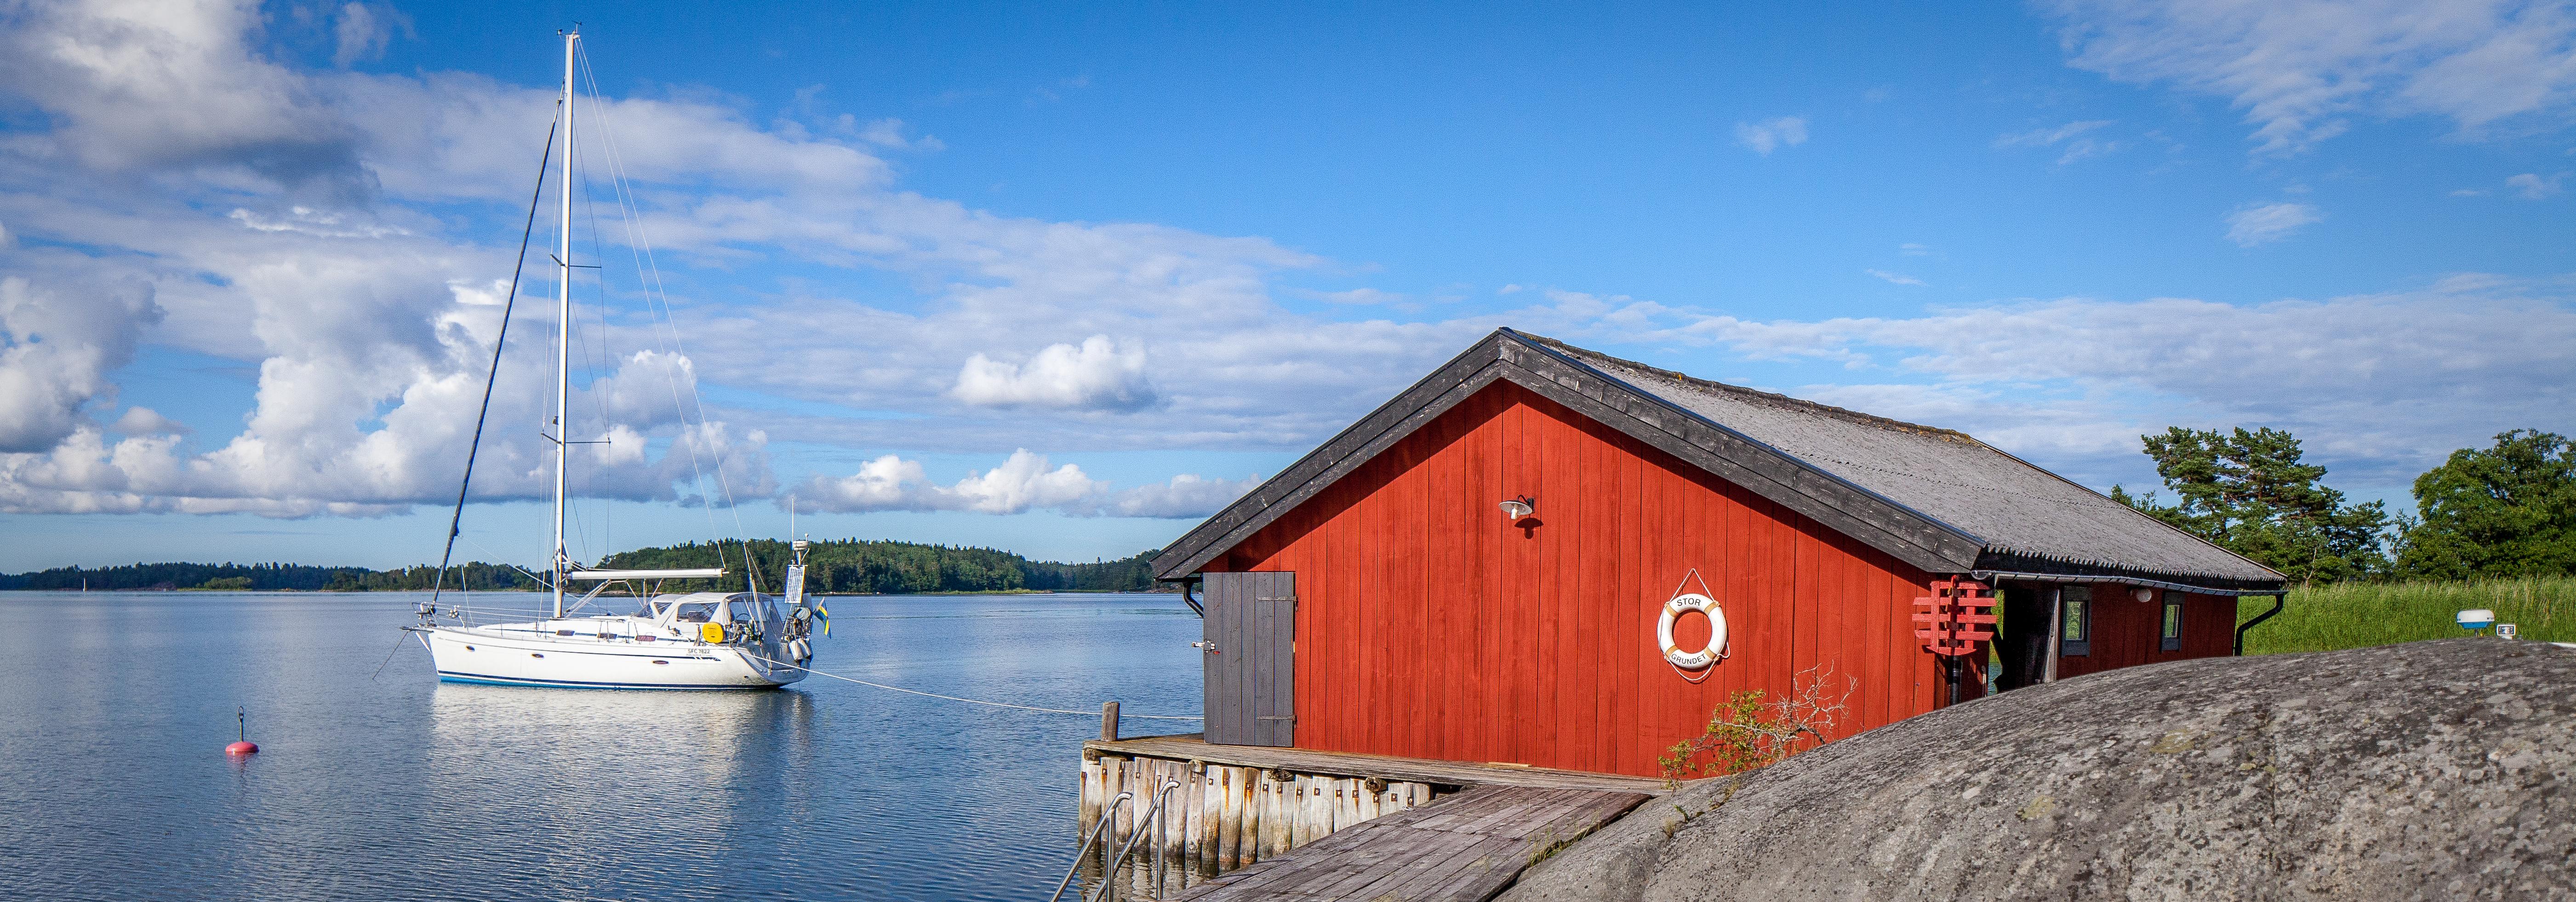 Sommer i Sweden